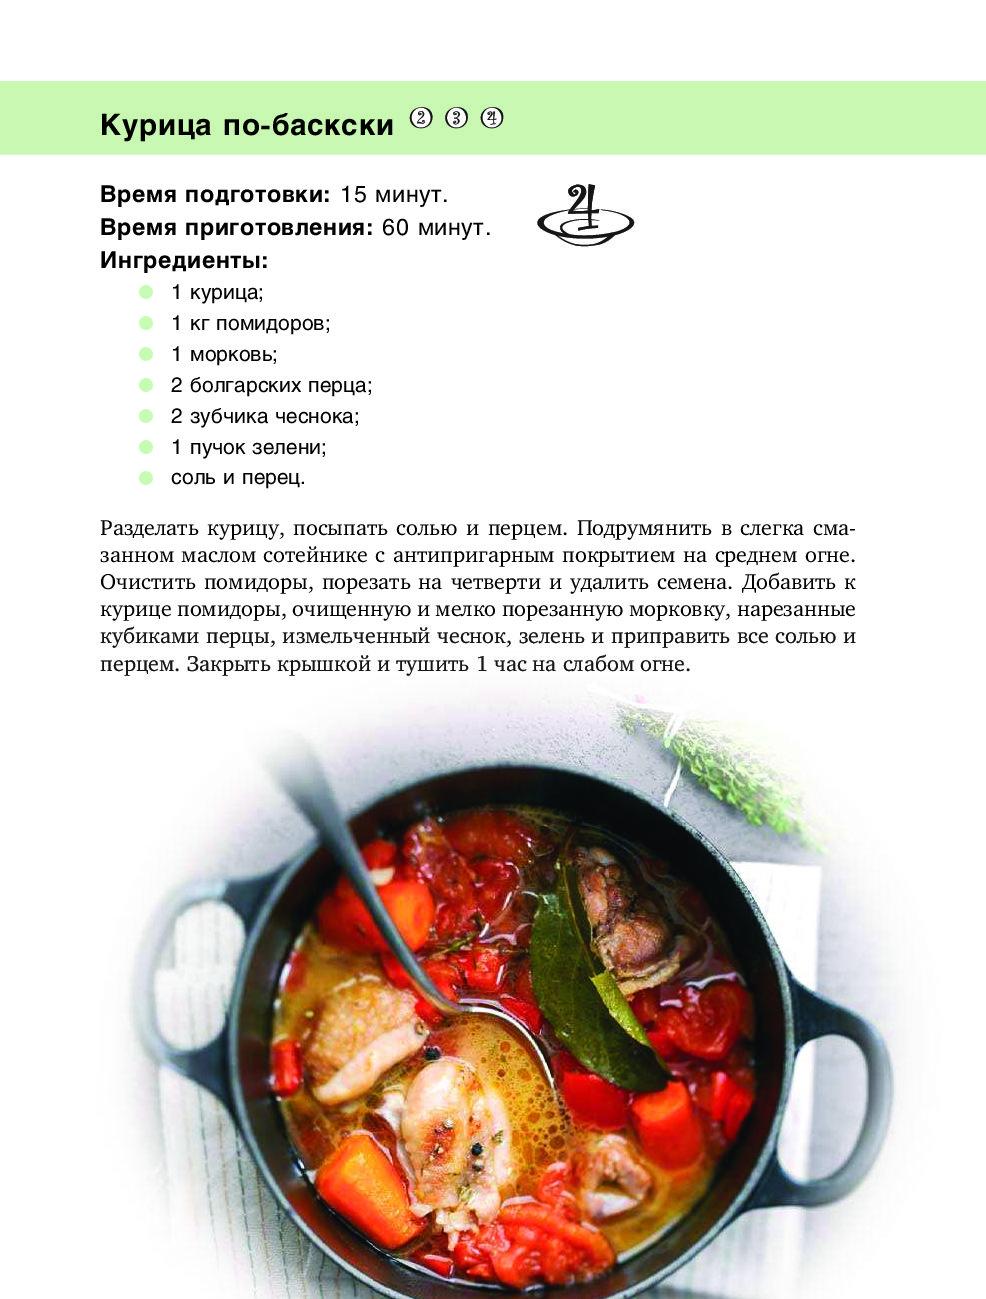 рецепты с фото для диеты дюкана ботинках